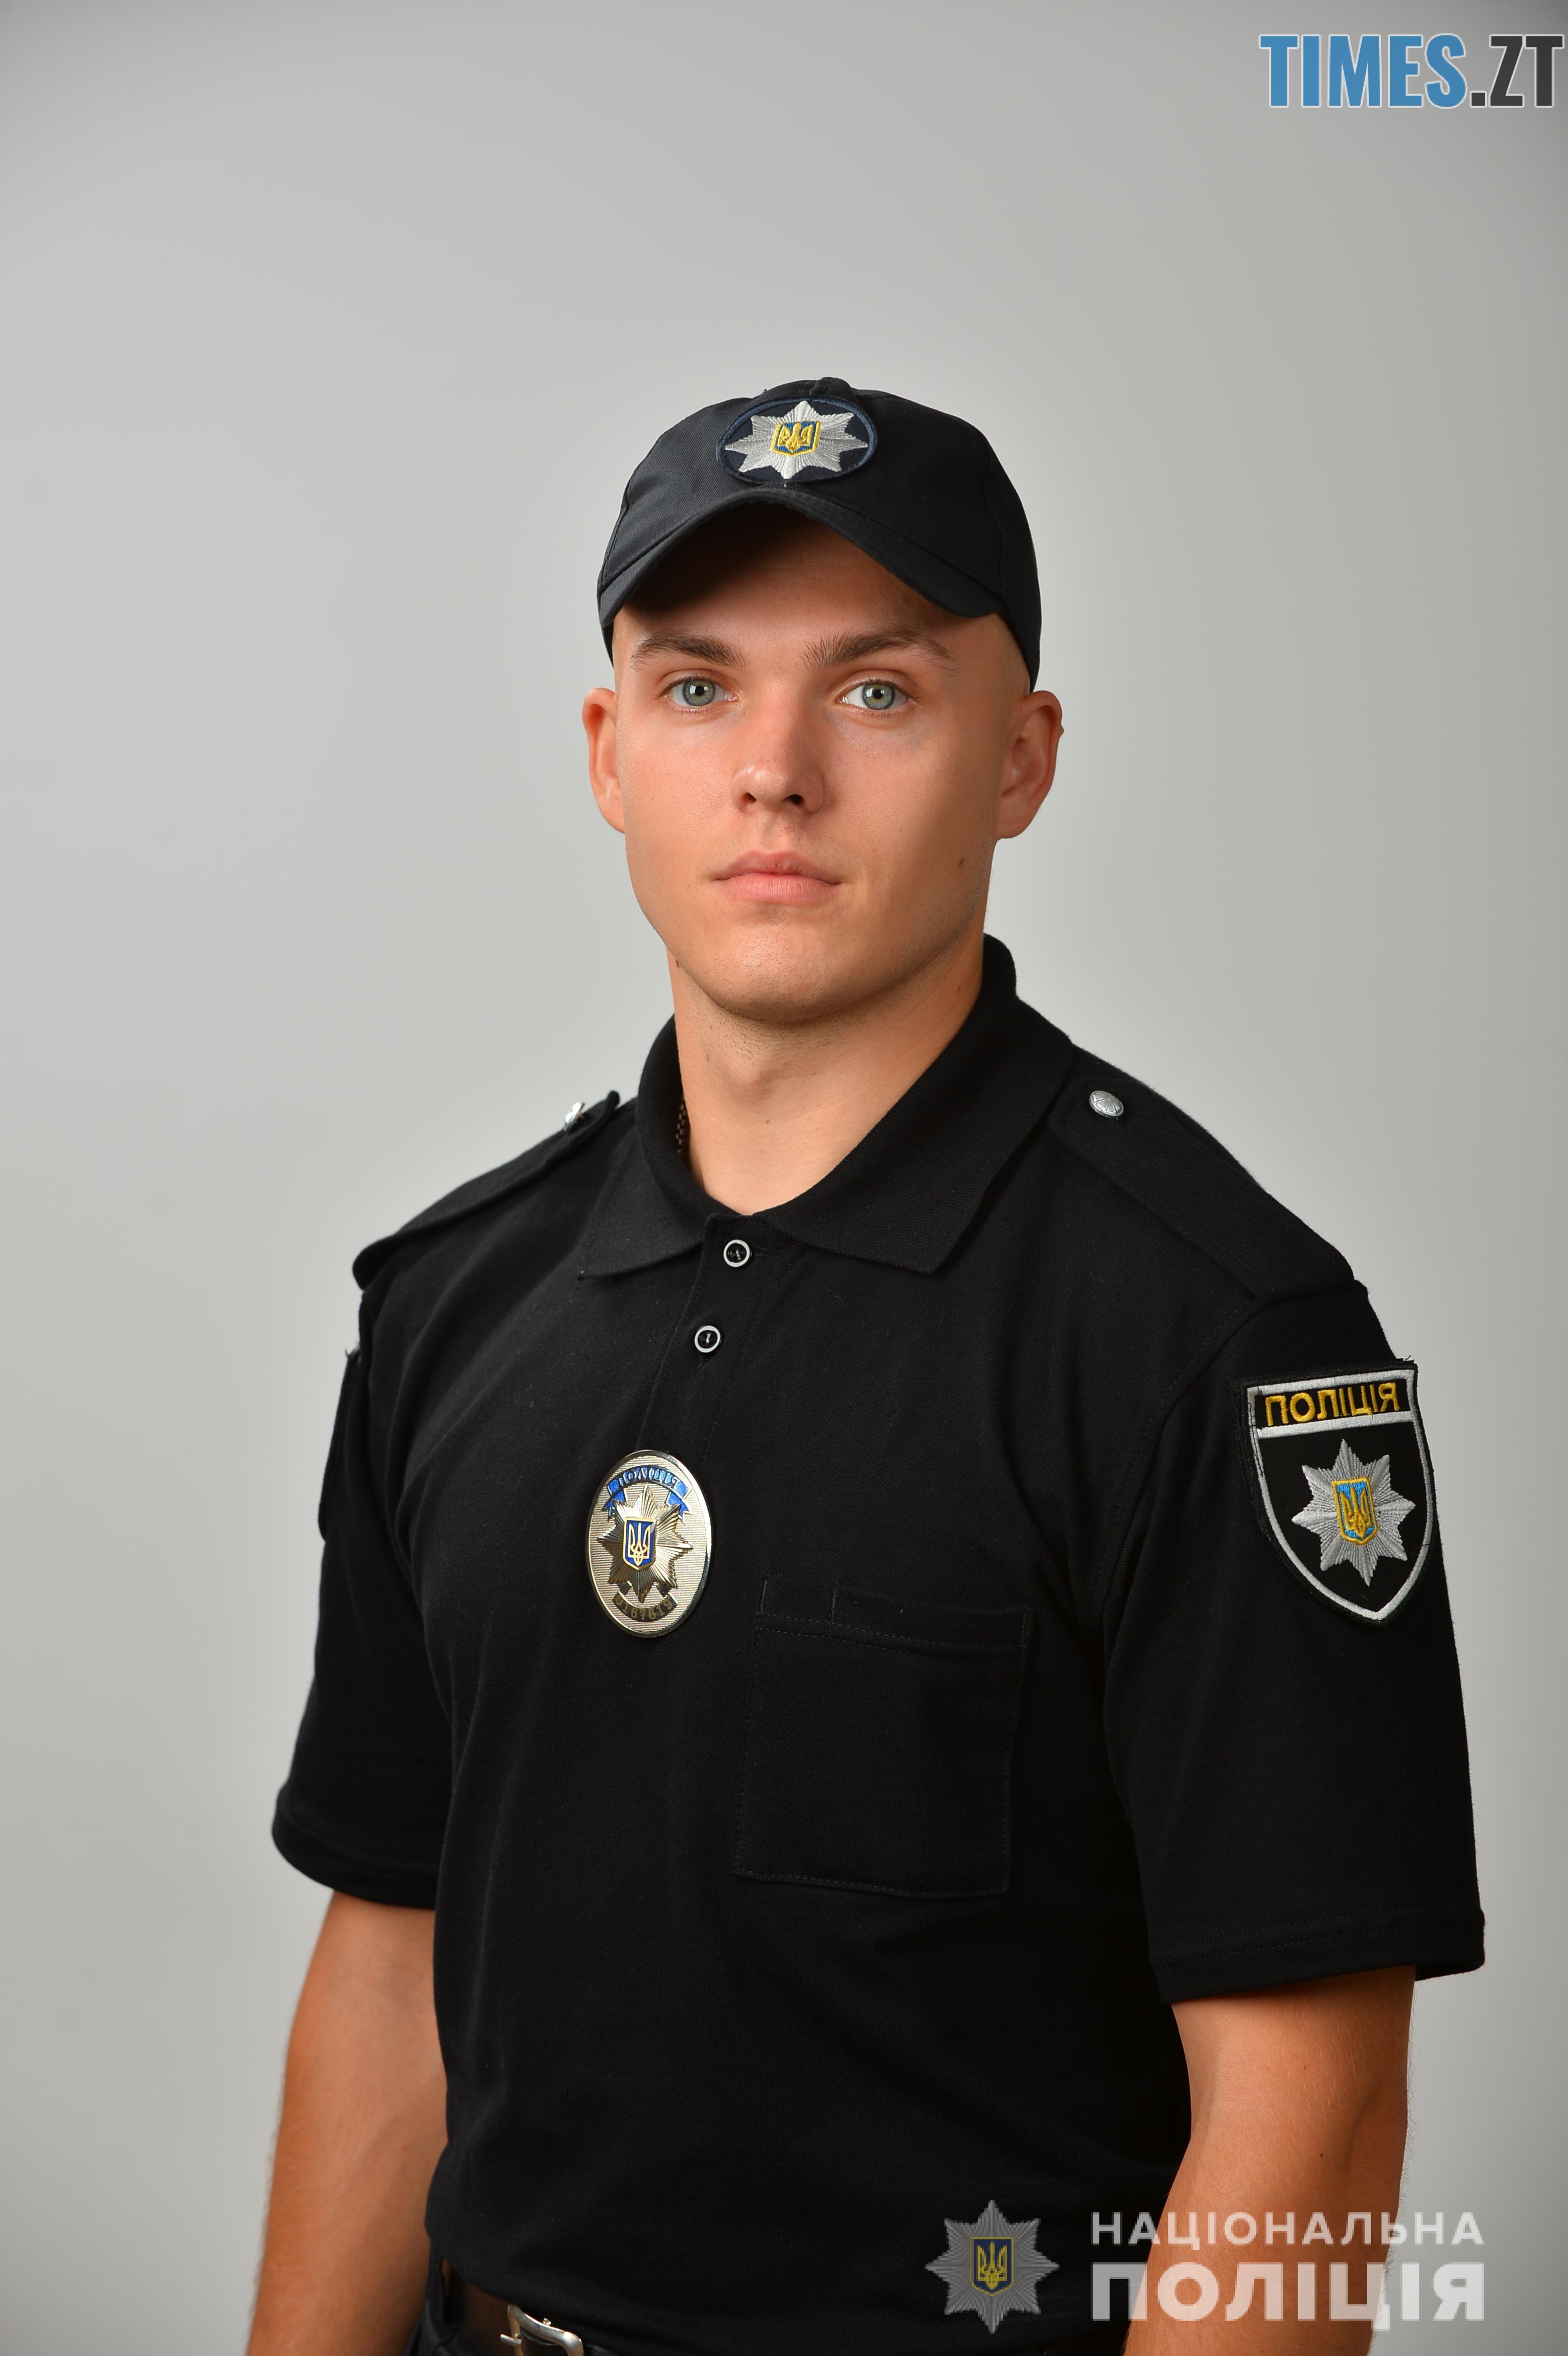 D4M 7818    - Євгеній Колесник став срібним призером Чемпіонату світу 2018 з гирьового спорту